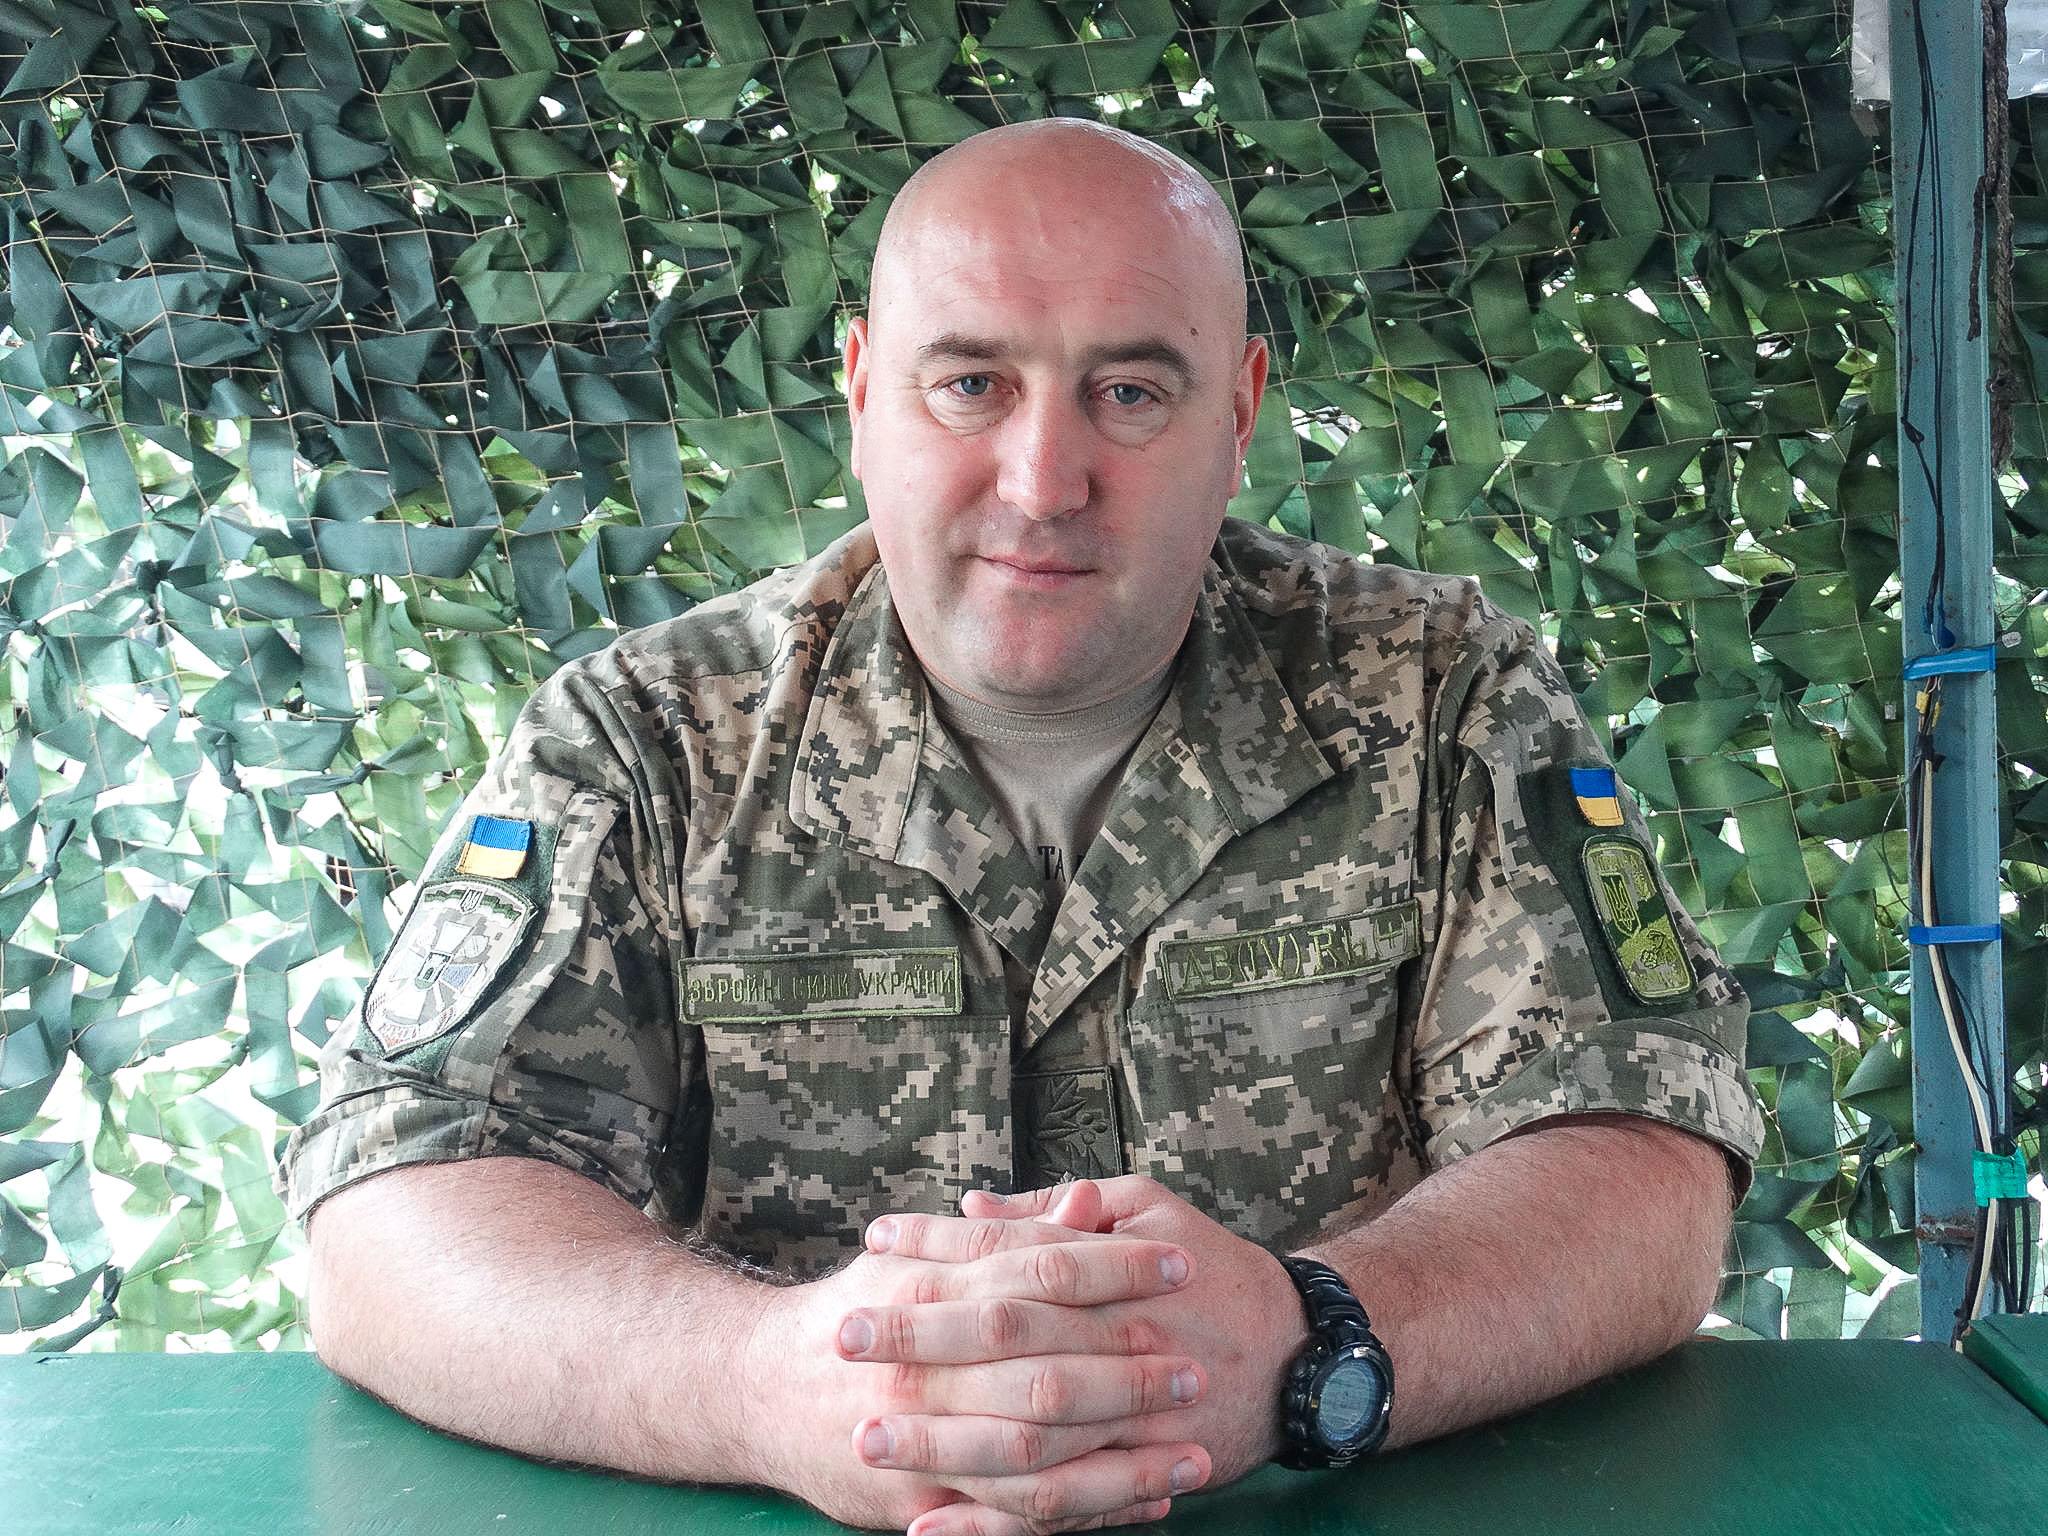 Если мы сейчас возьмем Донецк, это развяжет России руки - легендарный генерал из АТО/Олег Микац о перемирии, волонтерах в зоне АТО и невоенных путях освобождения Донбасса